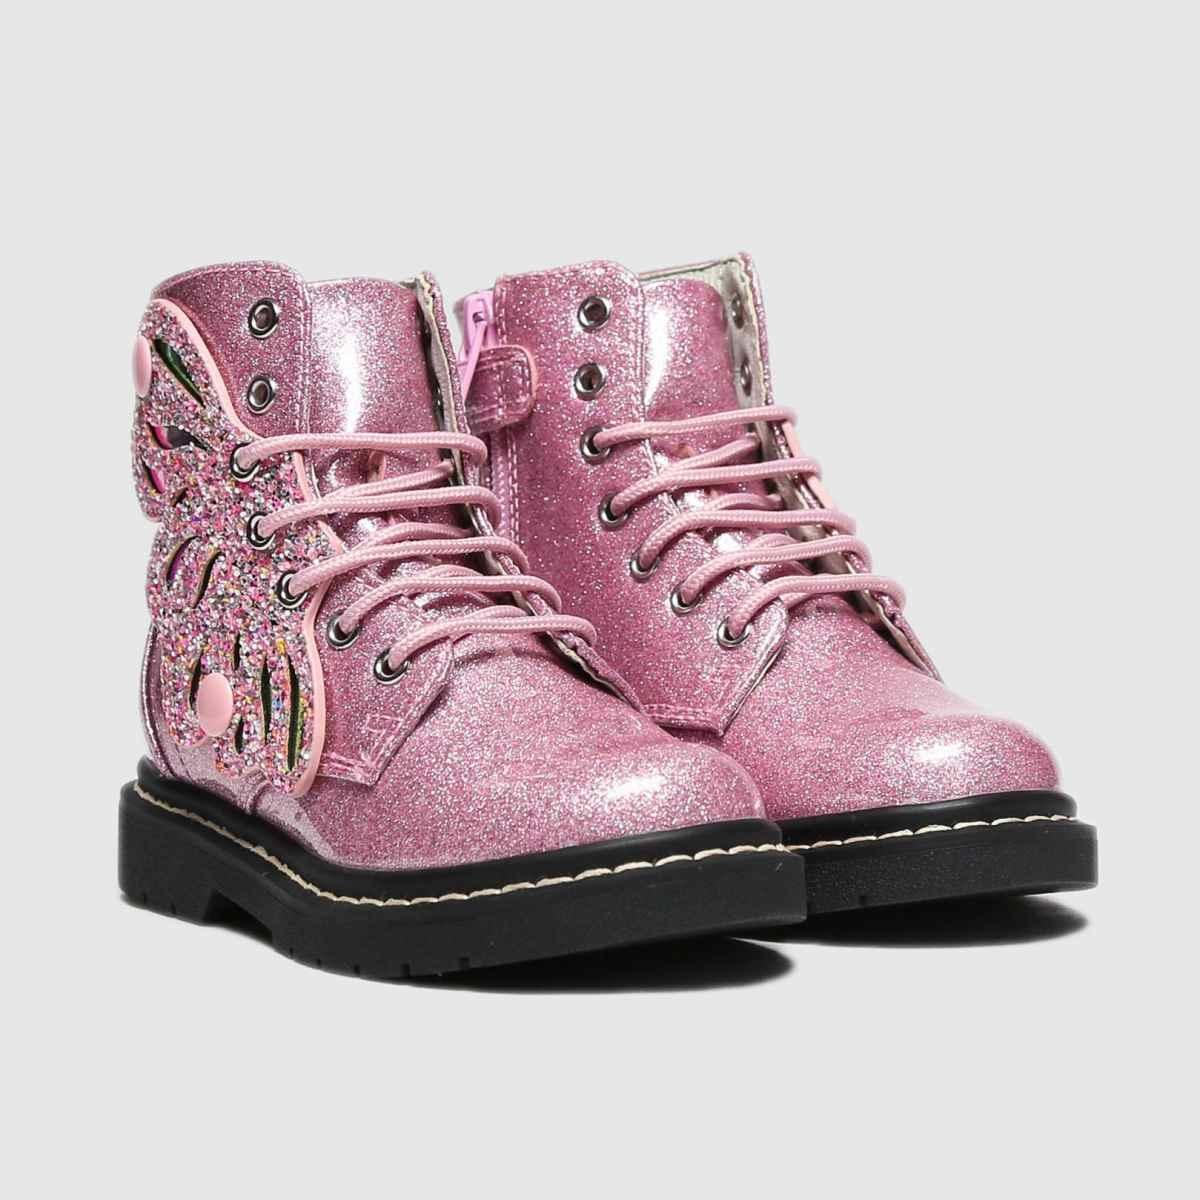 Lelli Kelly Lelli kelly Fairy Wing Boots LK5544 PINK